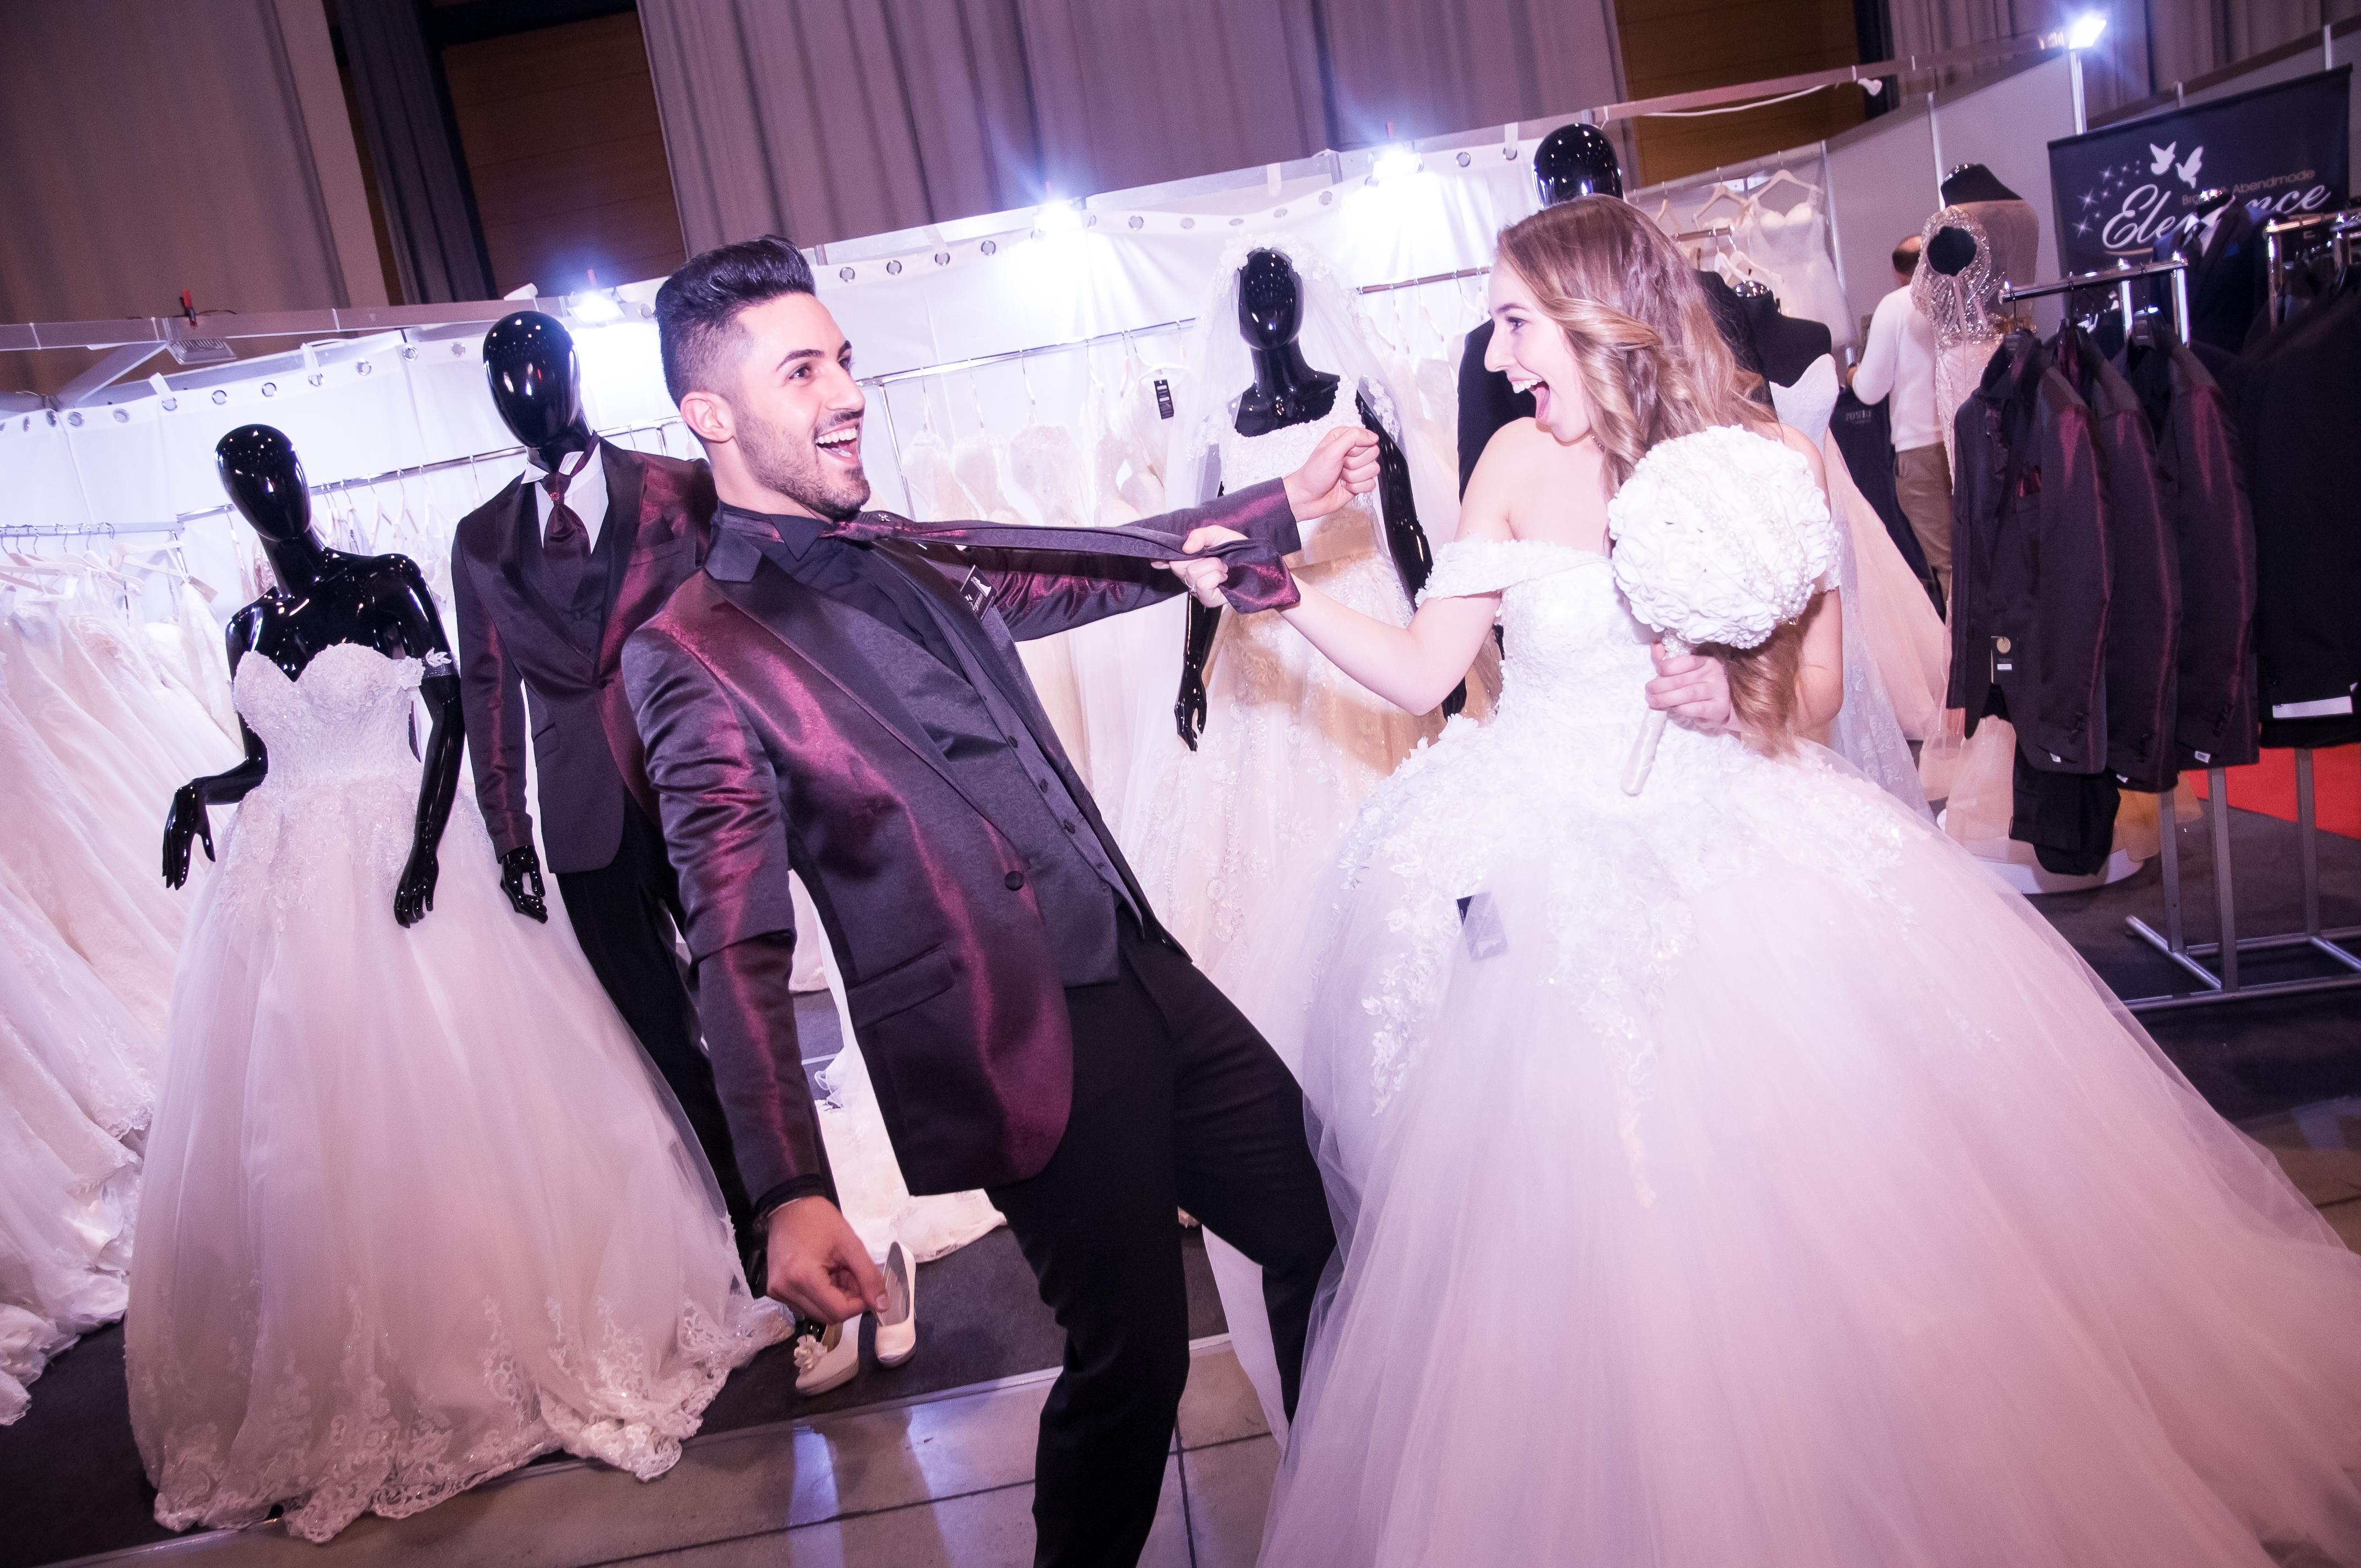 Na hier hat die Braut den Bräutiugam im Griff. Die Braut zieht dem Bräutigam an der Krawatte. Beide haben ihren Spass dabei. Fröhliche Stimmung.